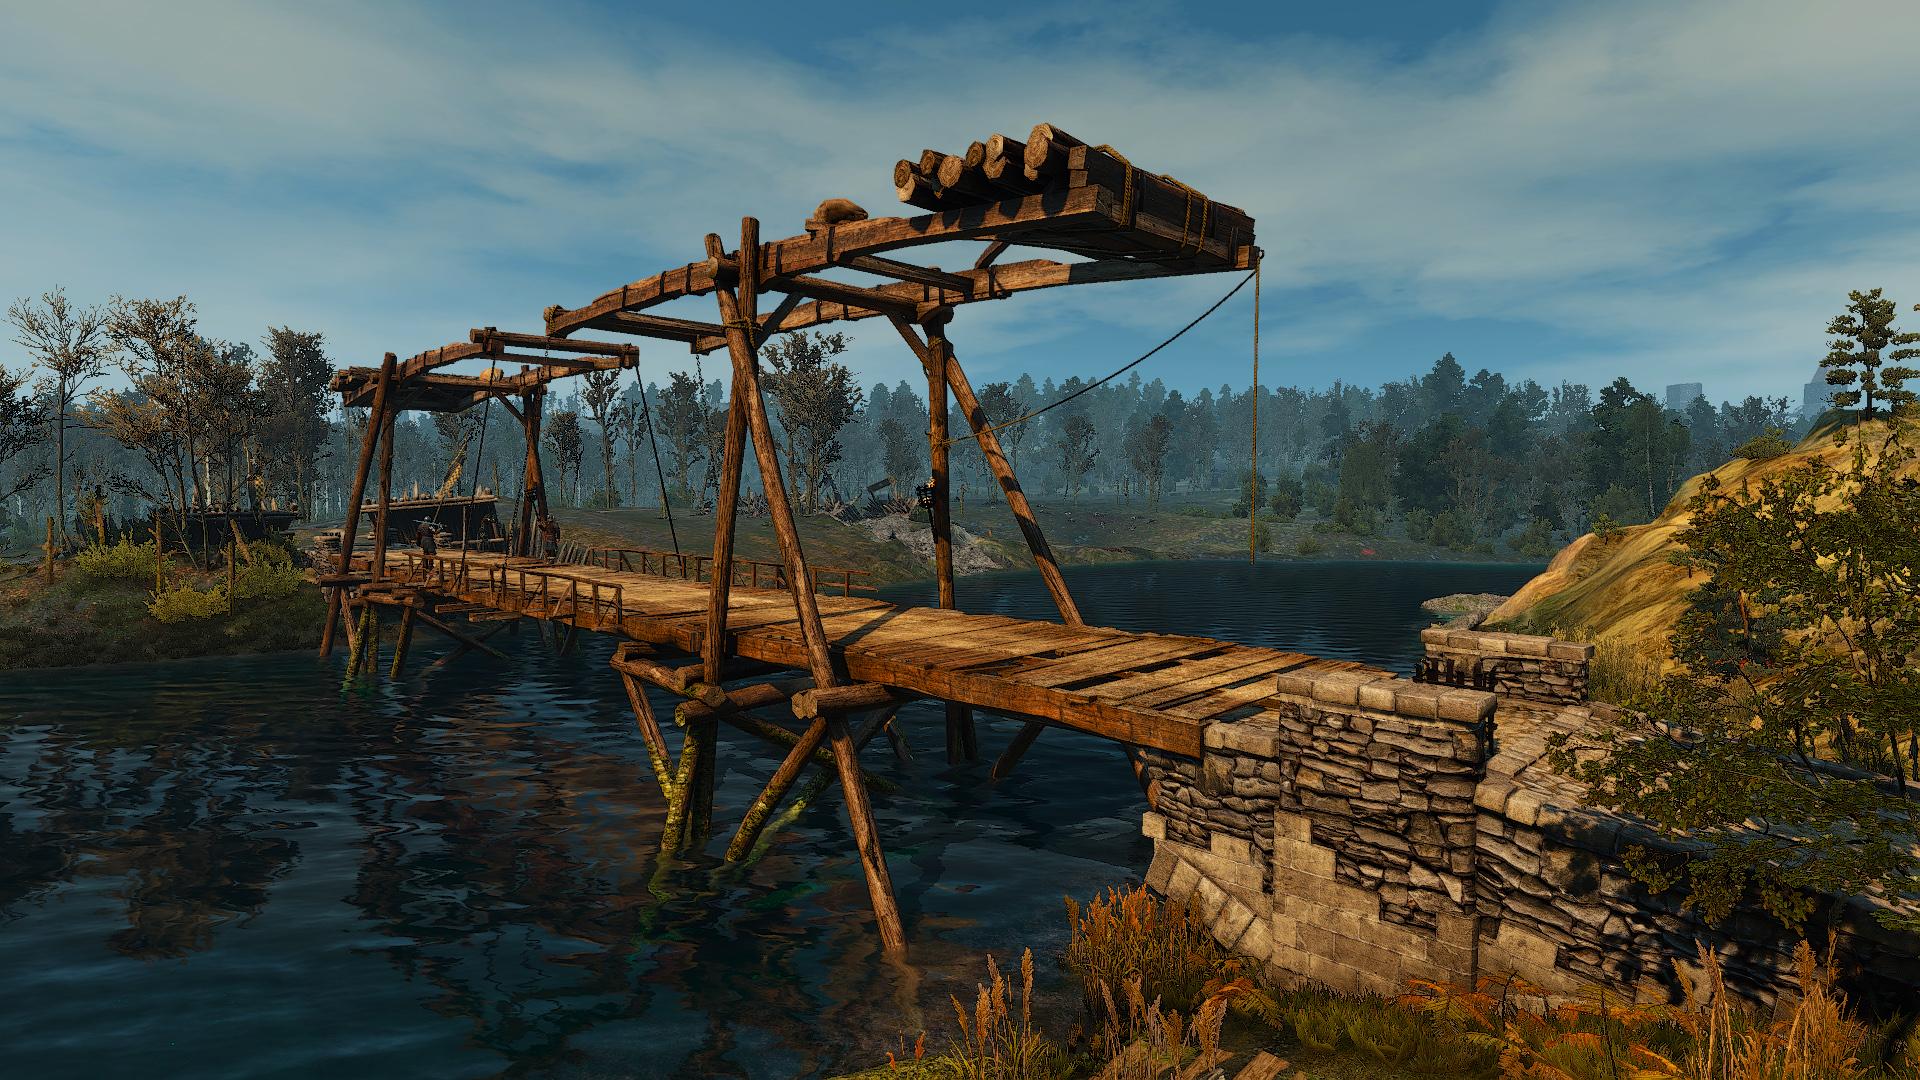 Marauders' Bridge